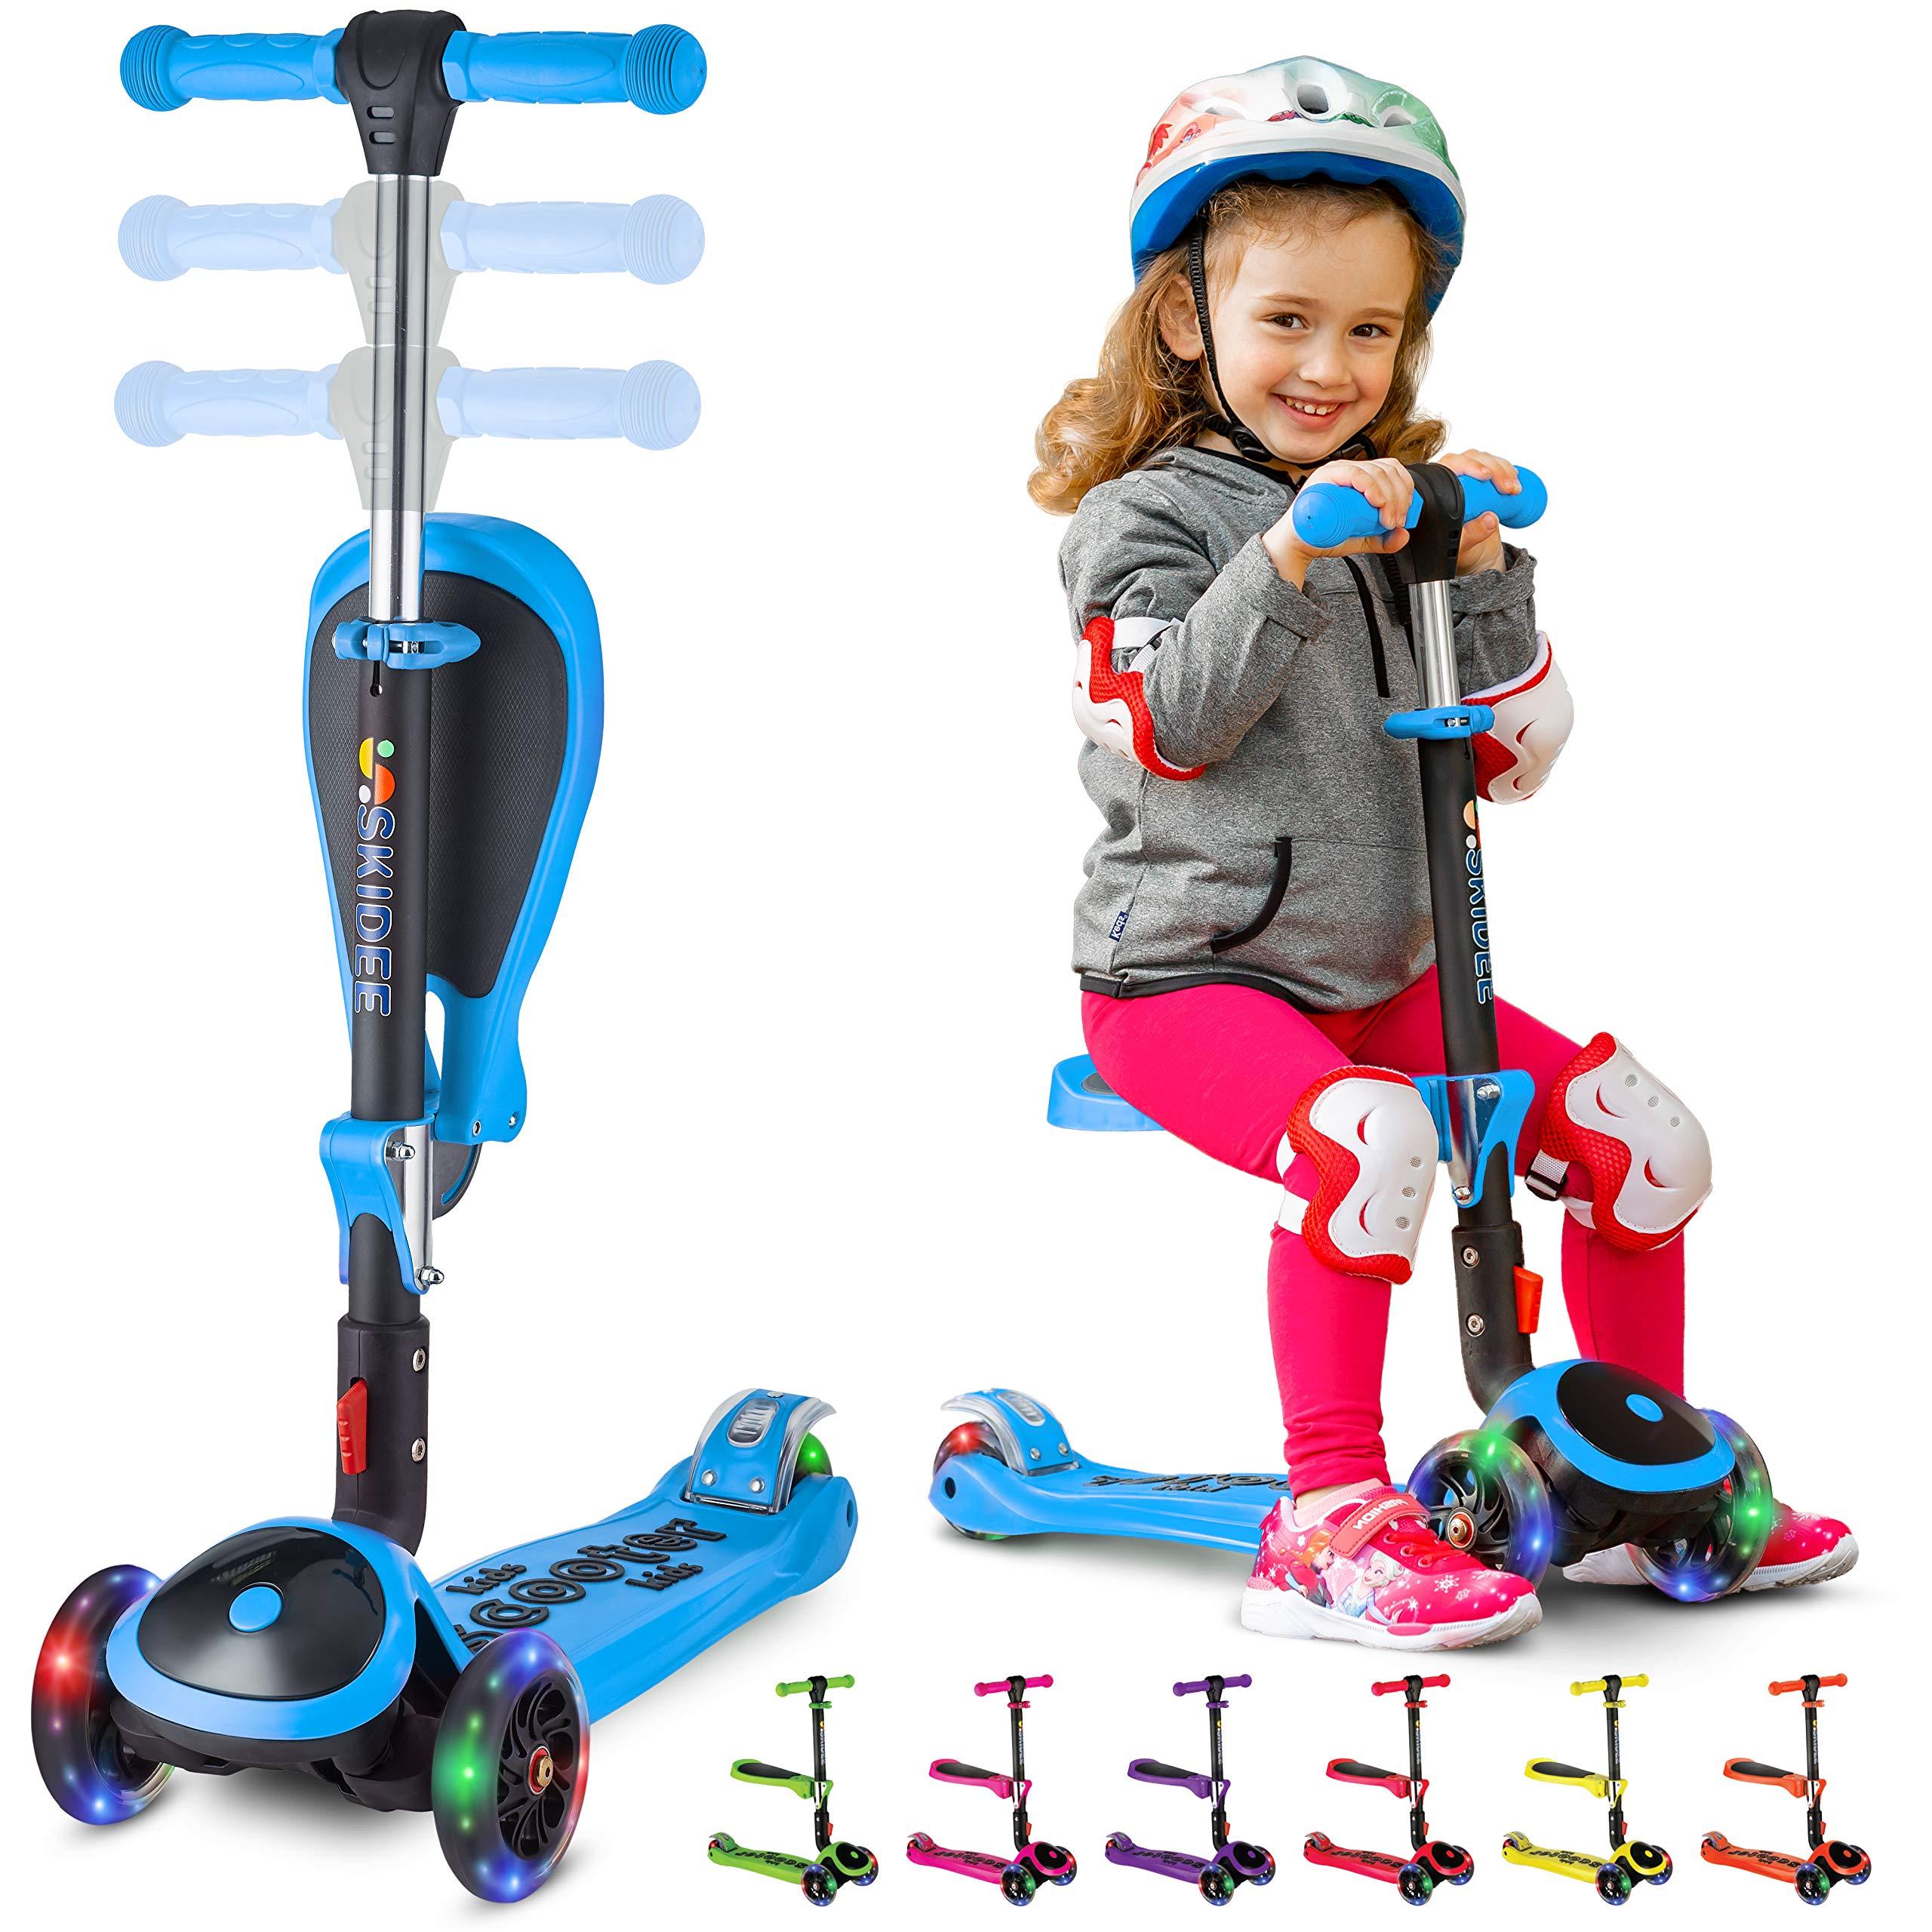 SKIDEE Scooter Kids Folding Seat